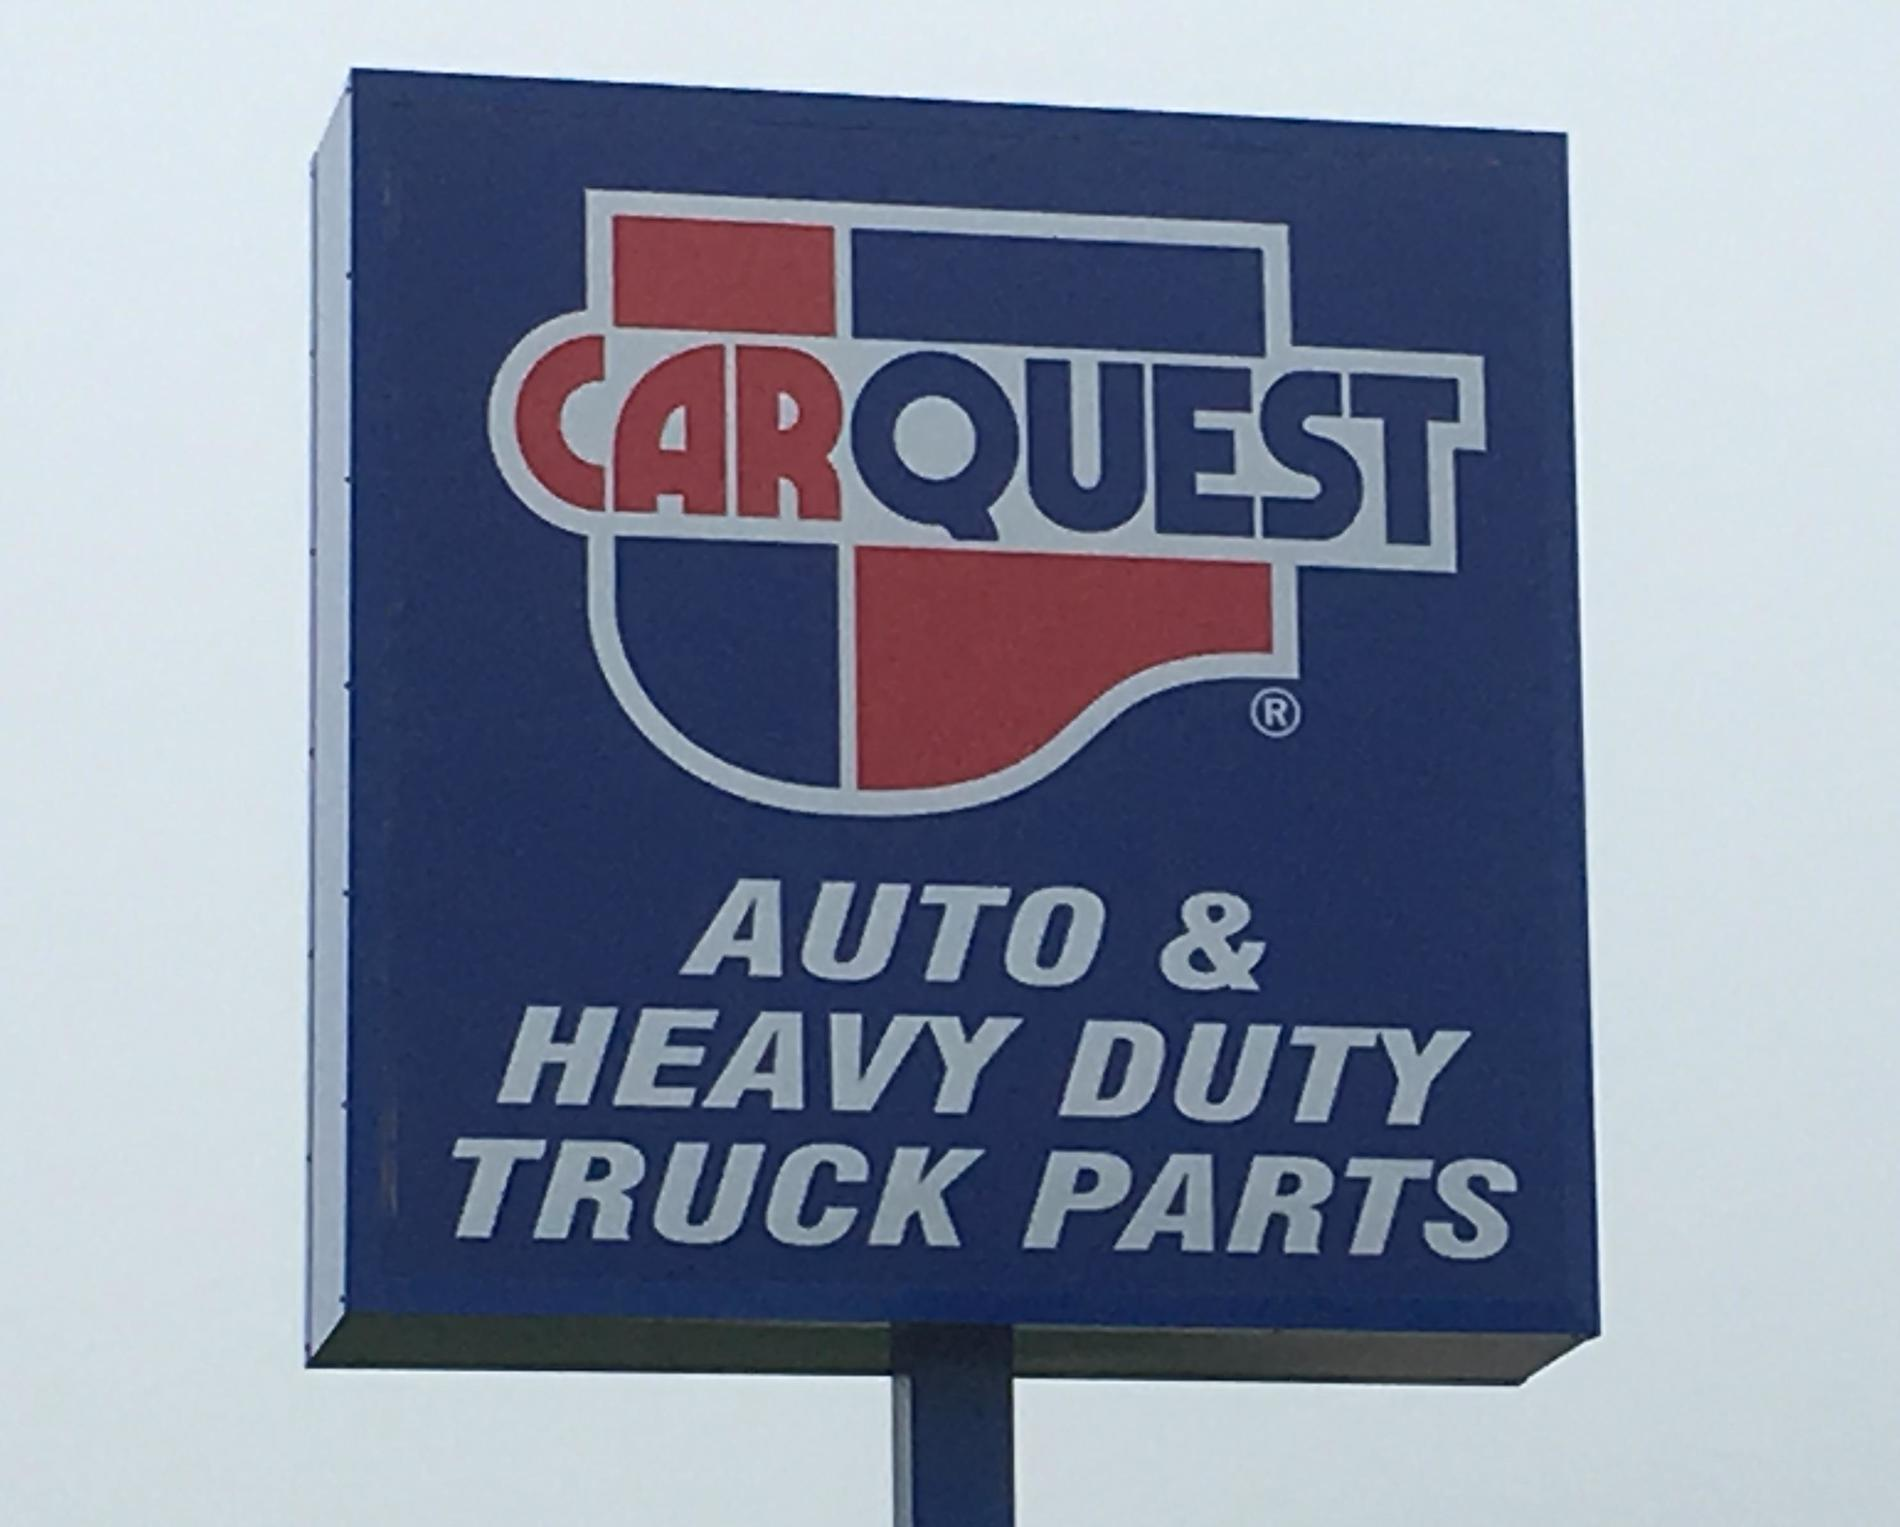 Centerville Ia Carquest Auto Parts 1800 South 18th St